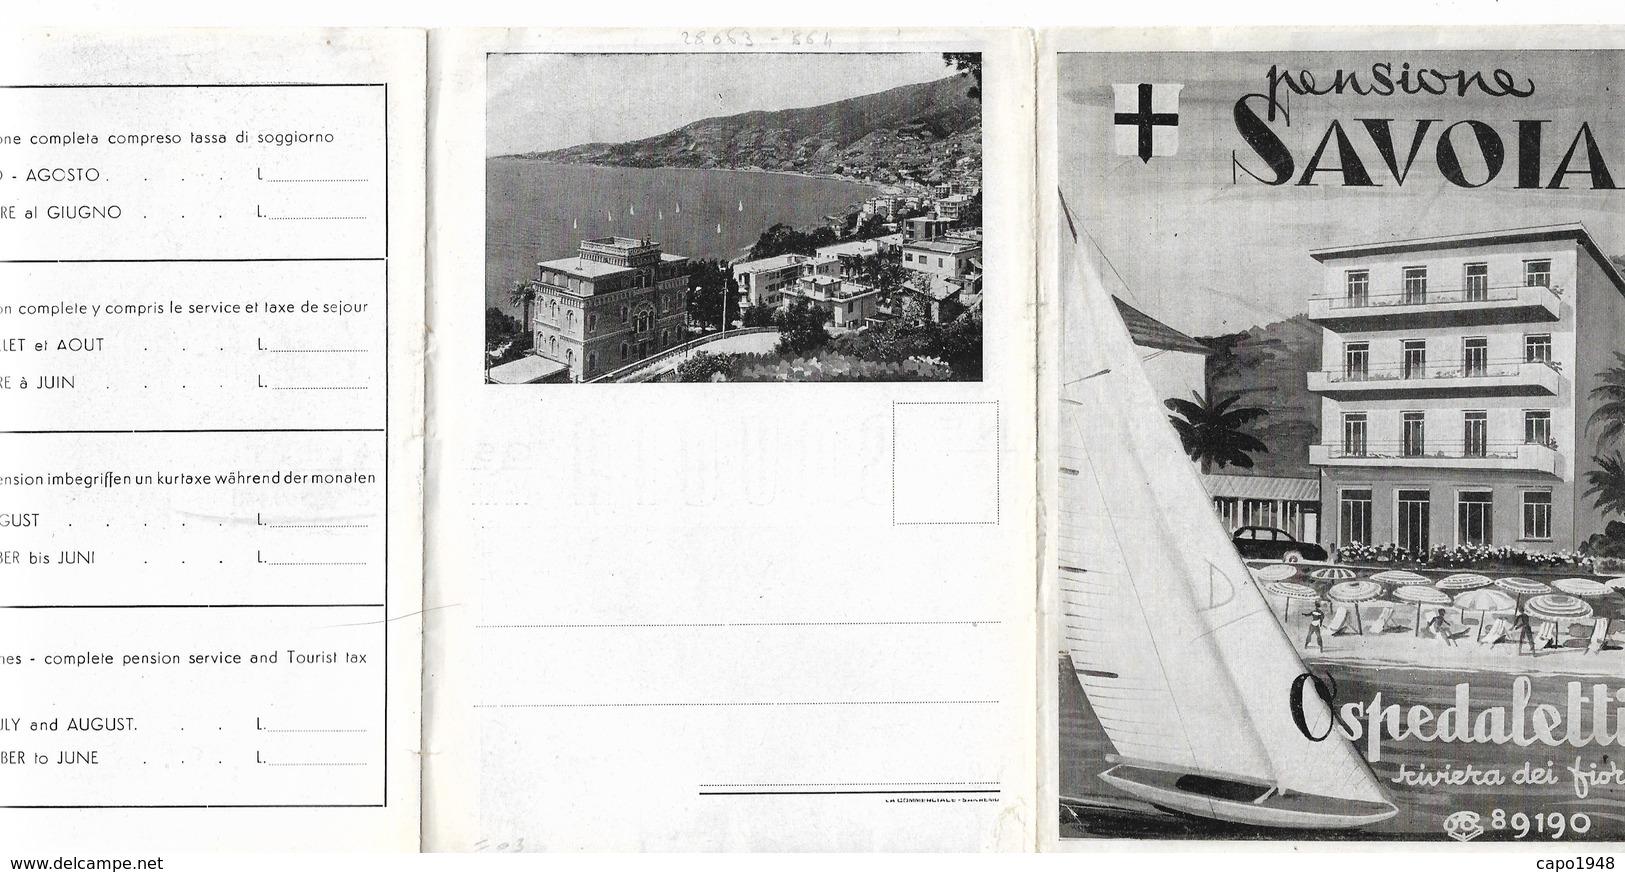 """CARD DEPLIANT PUBBLICITARIO OSPEDALETTI """"PENSIONE SAVOIA""""CON INTERNI  2 SCANNER   (IMPERIA)FG-N-2-    0882-28663-664 - Imperia"""